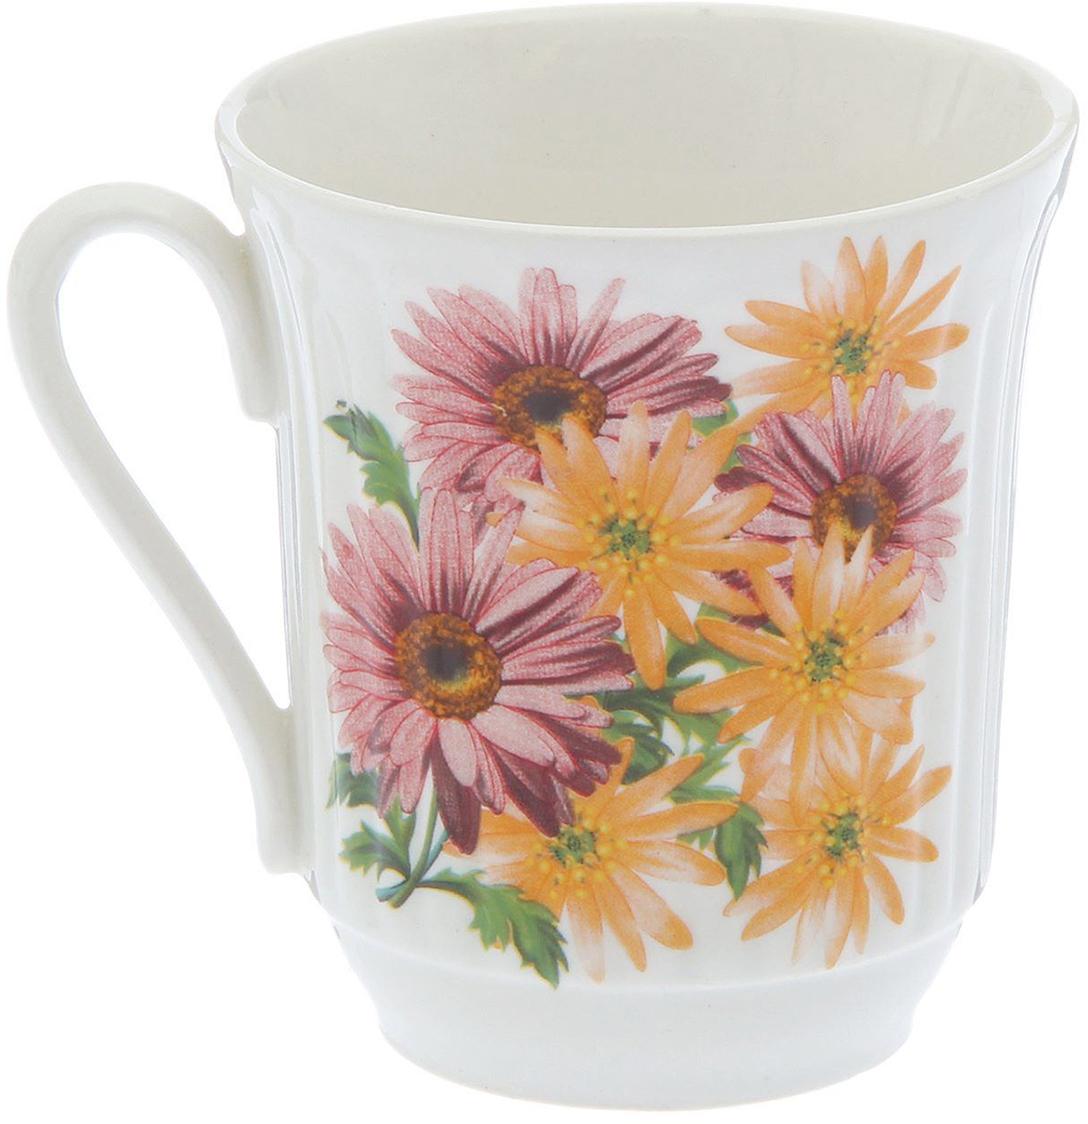 Кружка, выполненная из керамики, выдержит высокую и низкую температуру, надолго сохранит  чай горячим, а остуженные напитки холодными. Емкость не выделяет вредных веществ при сильном нагреве. Кружка долго сохраняет  первоначальный внешний вид и подходит как для мытья вручную, так и в посудомоечной машине.  Интересное оформление украшает изделие и выделяет среди прочих. Окружайте себя красивыми вещами: такая кружка поднимет вам настроение даже в ненастный  день!   Уважаемые клиенты!  Товар поставляется в ассортименте. Поставка осуществляется в зависимости от наличия на складе.